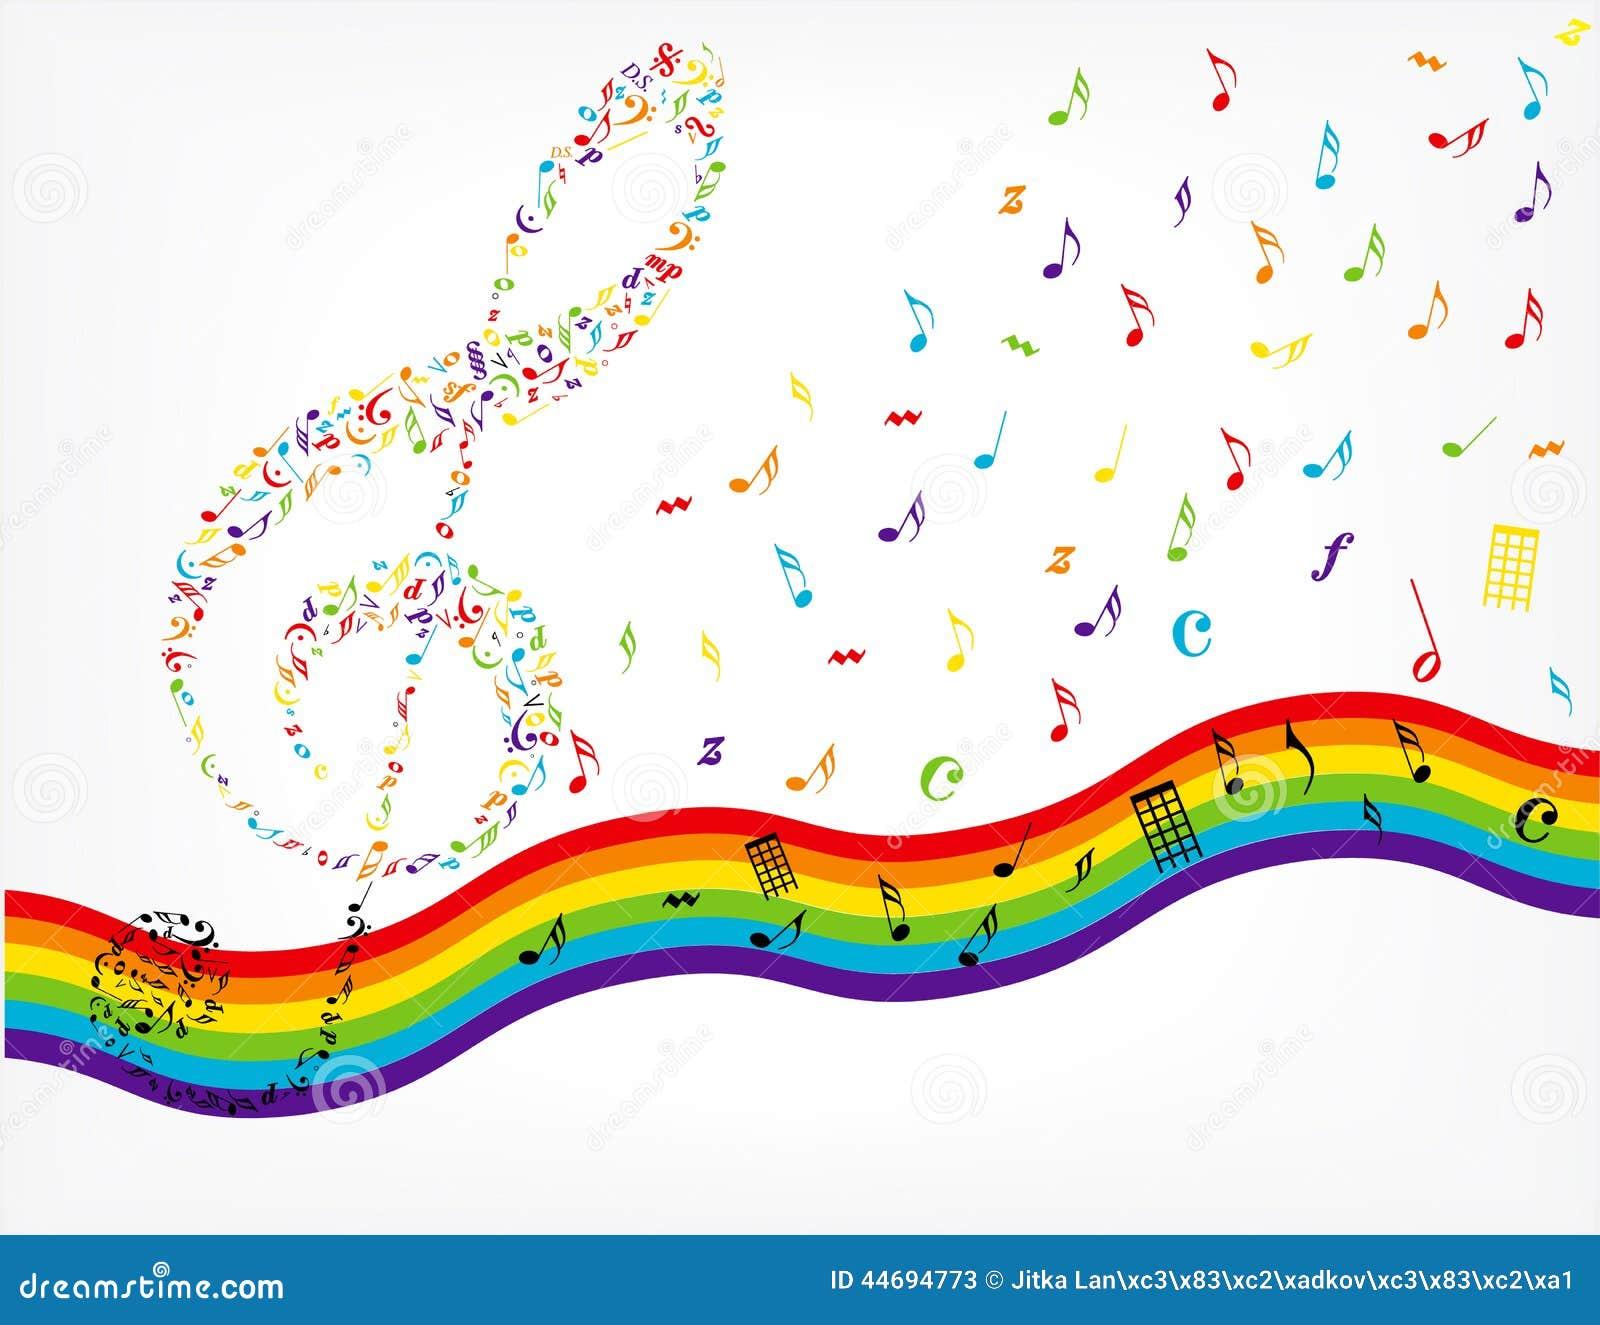 Music Notes Background Stock Illustration - Image: 44694773